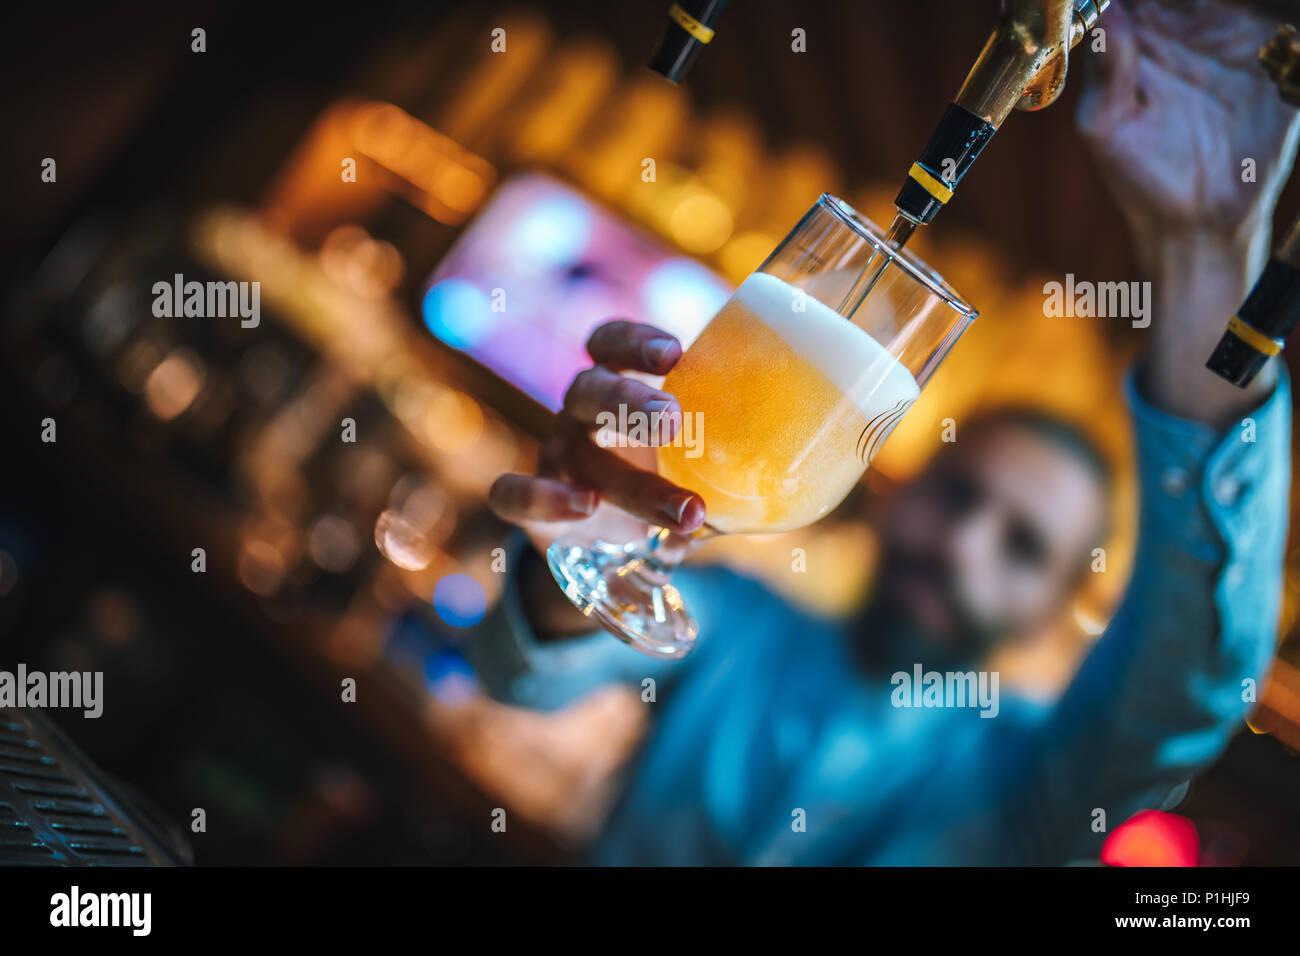 Barkeeper oder Brauer Füllung Glas mit Bier. Barkeeper gießt Pilsener Bier zu Glas aus den Wasserhähnen. Bar und Nachtclub. Stockbild